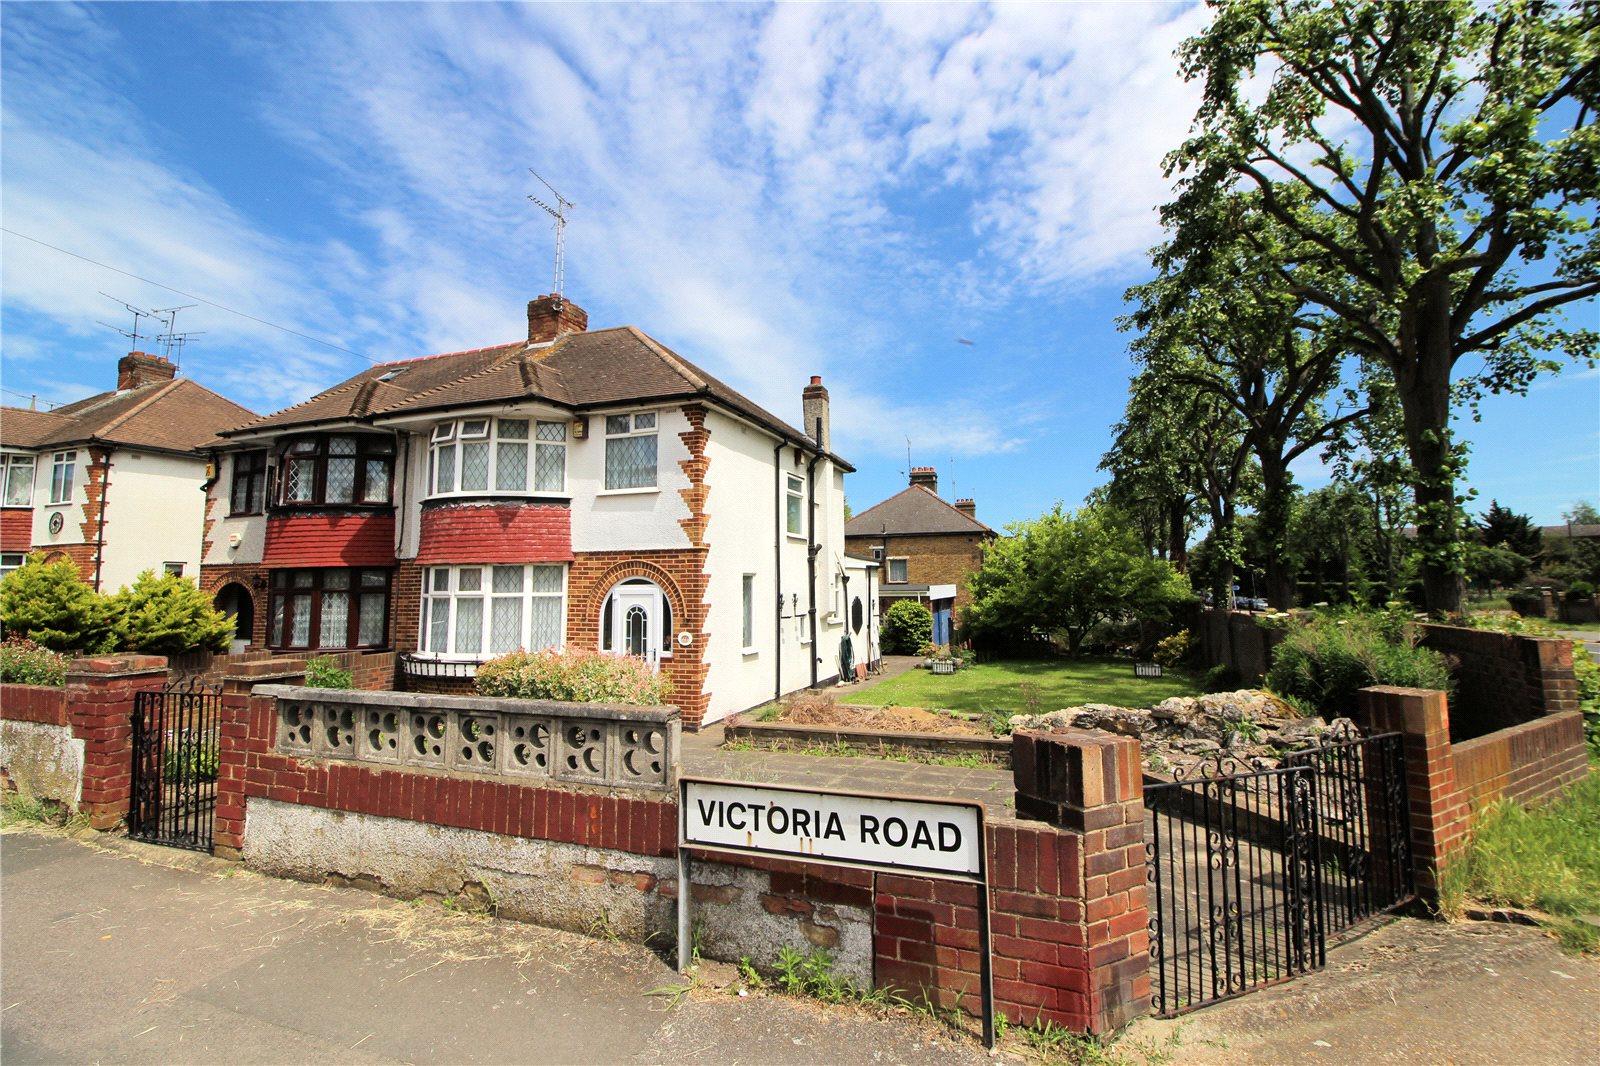 Victoria Road, Erith, Kent, DA8